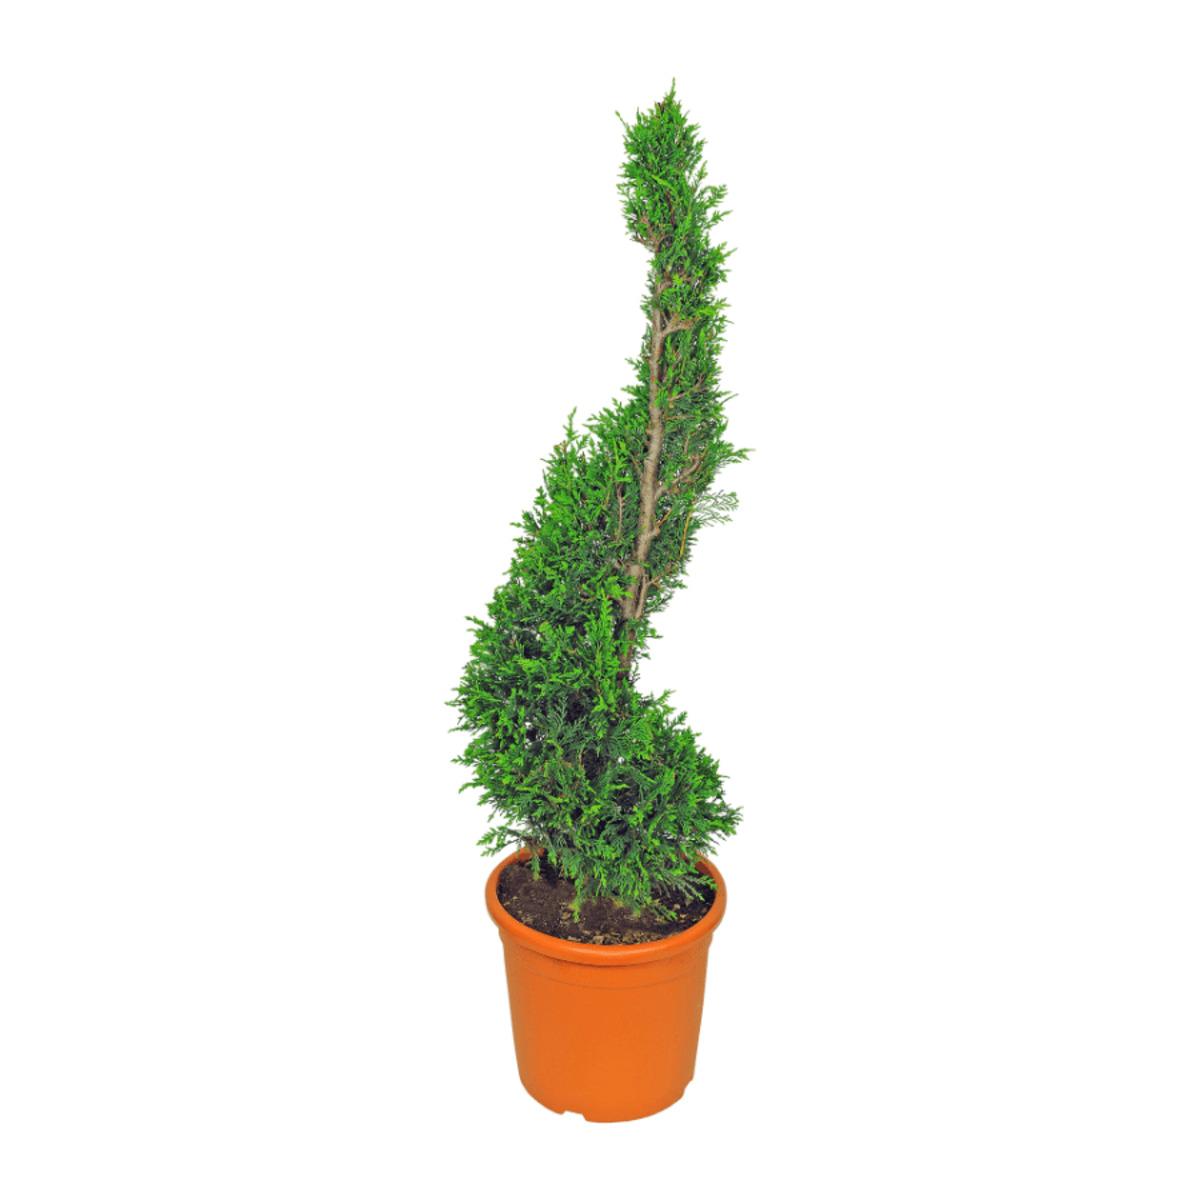 Bild 3 von GARDEN FEELINGS     Pflanze in Formschnitt